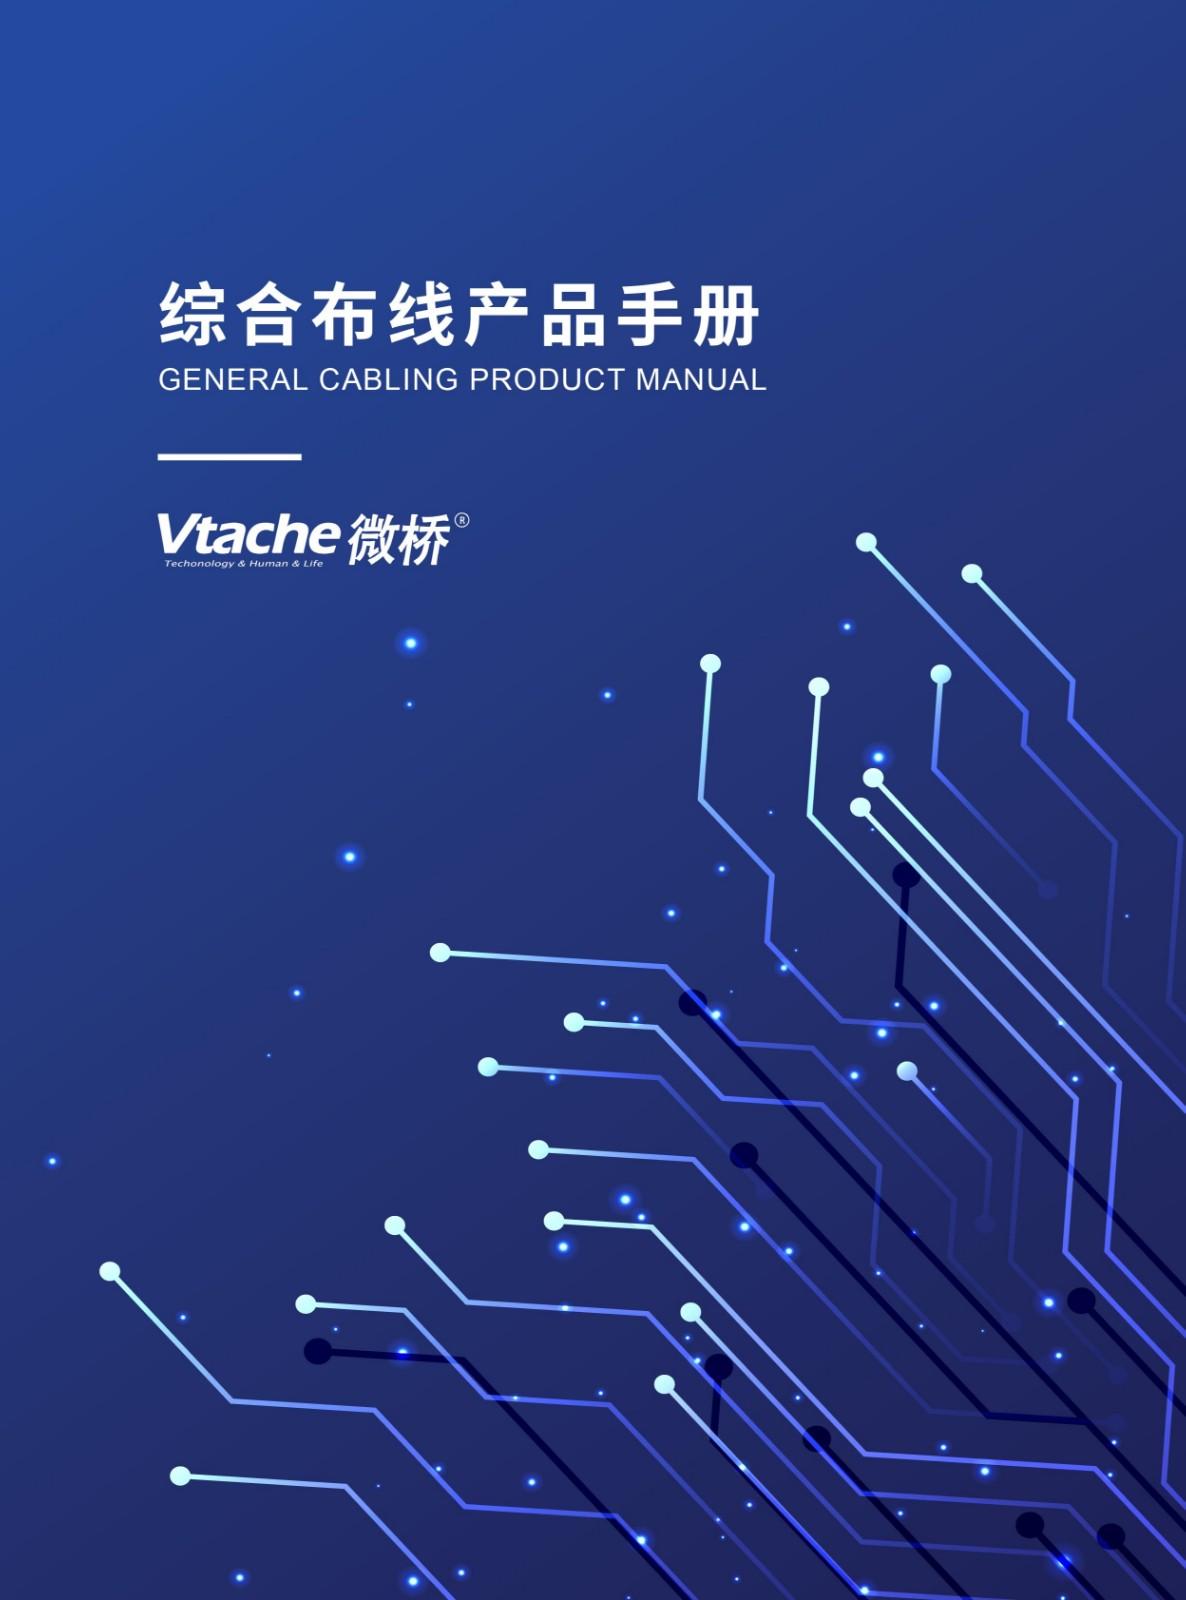 Vtache综合布线手册_2019